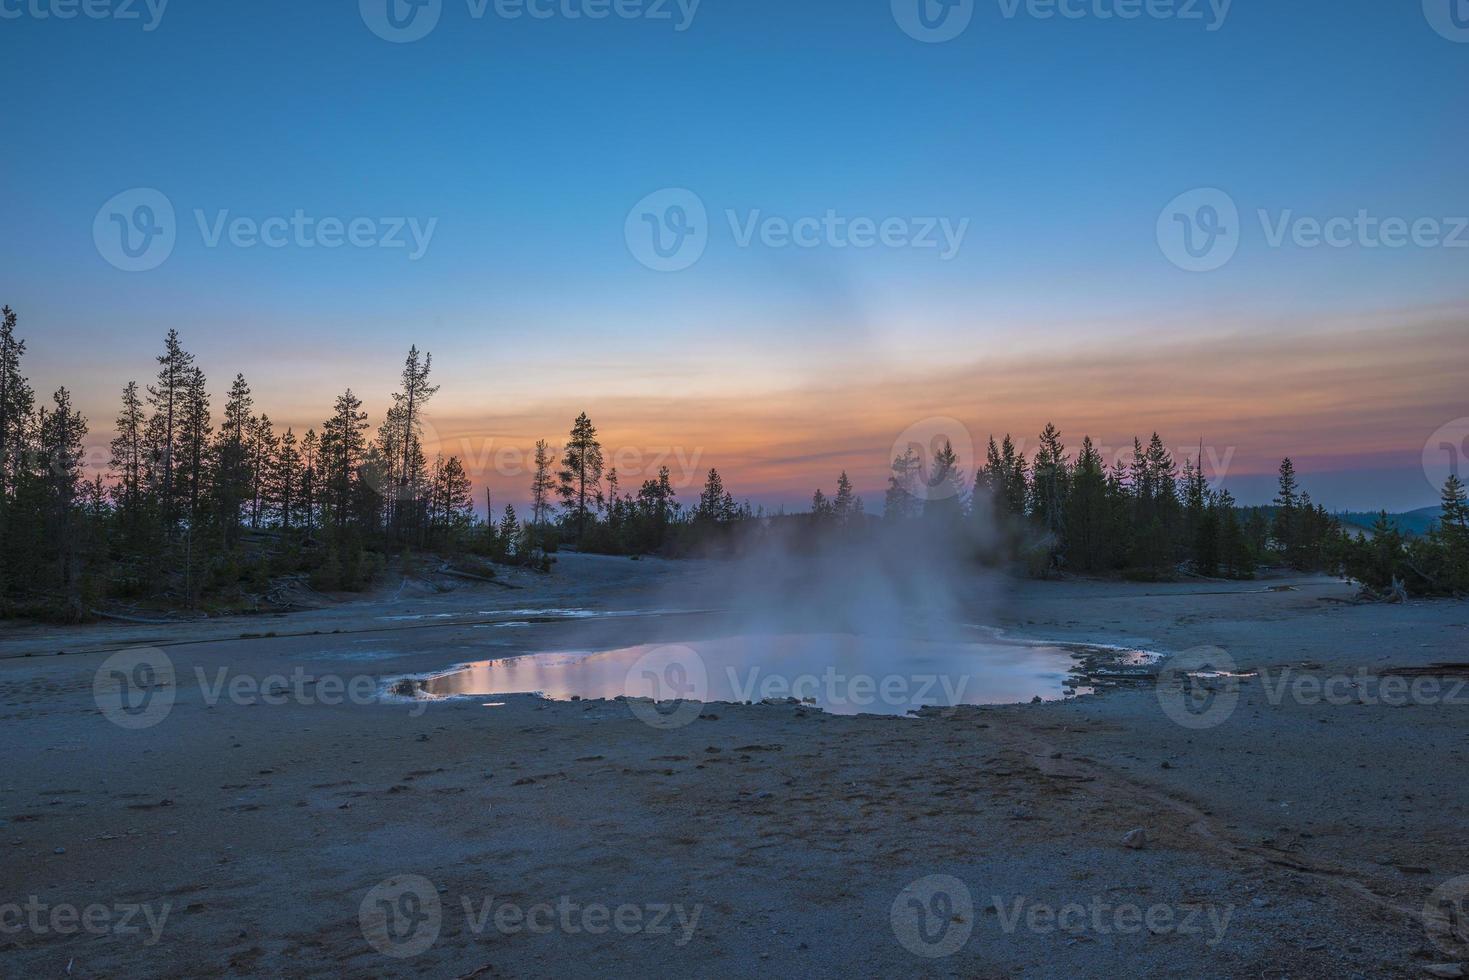 norris geyser bassin après le coucher du soleil photo